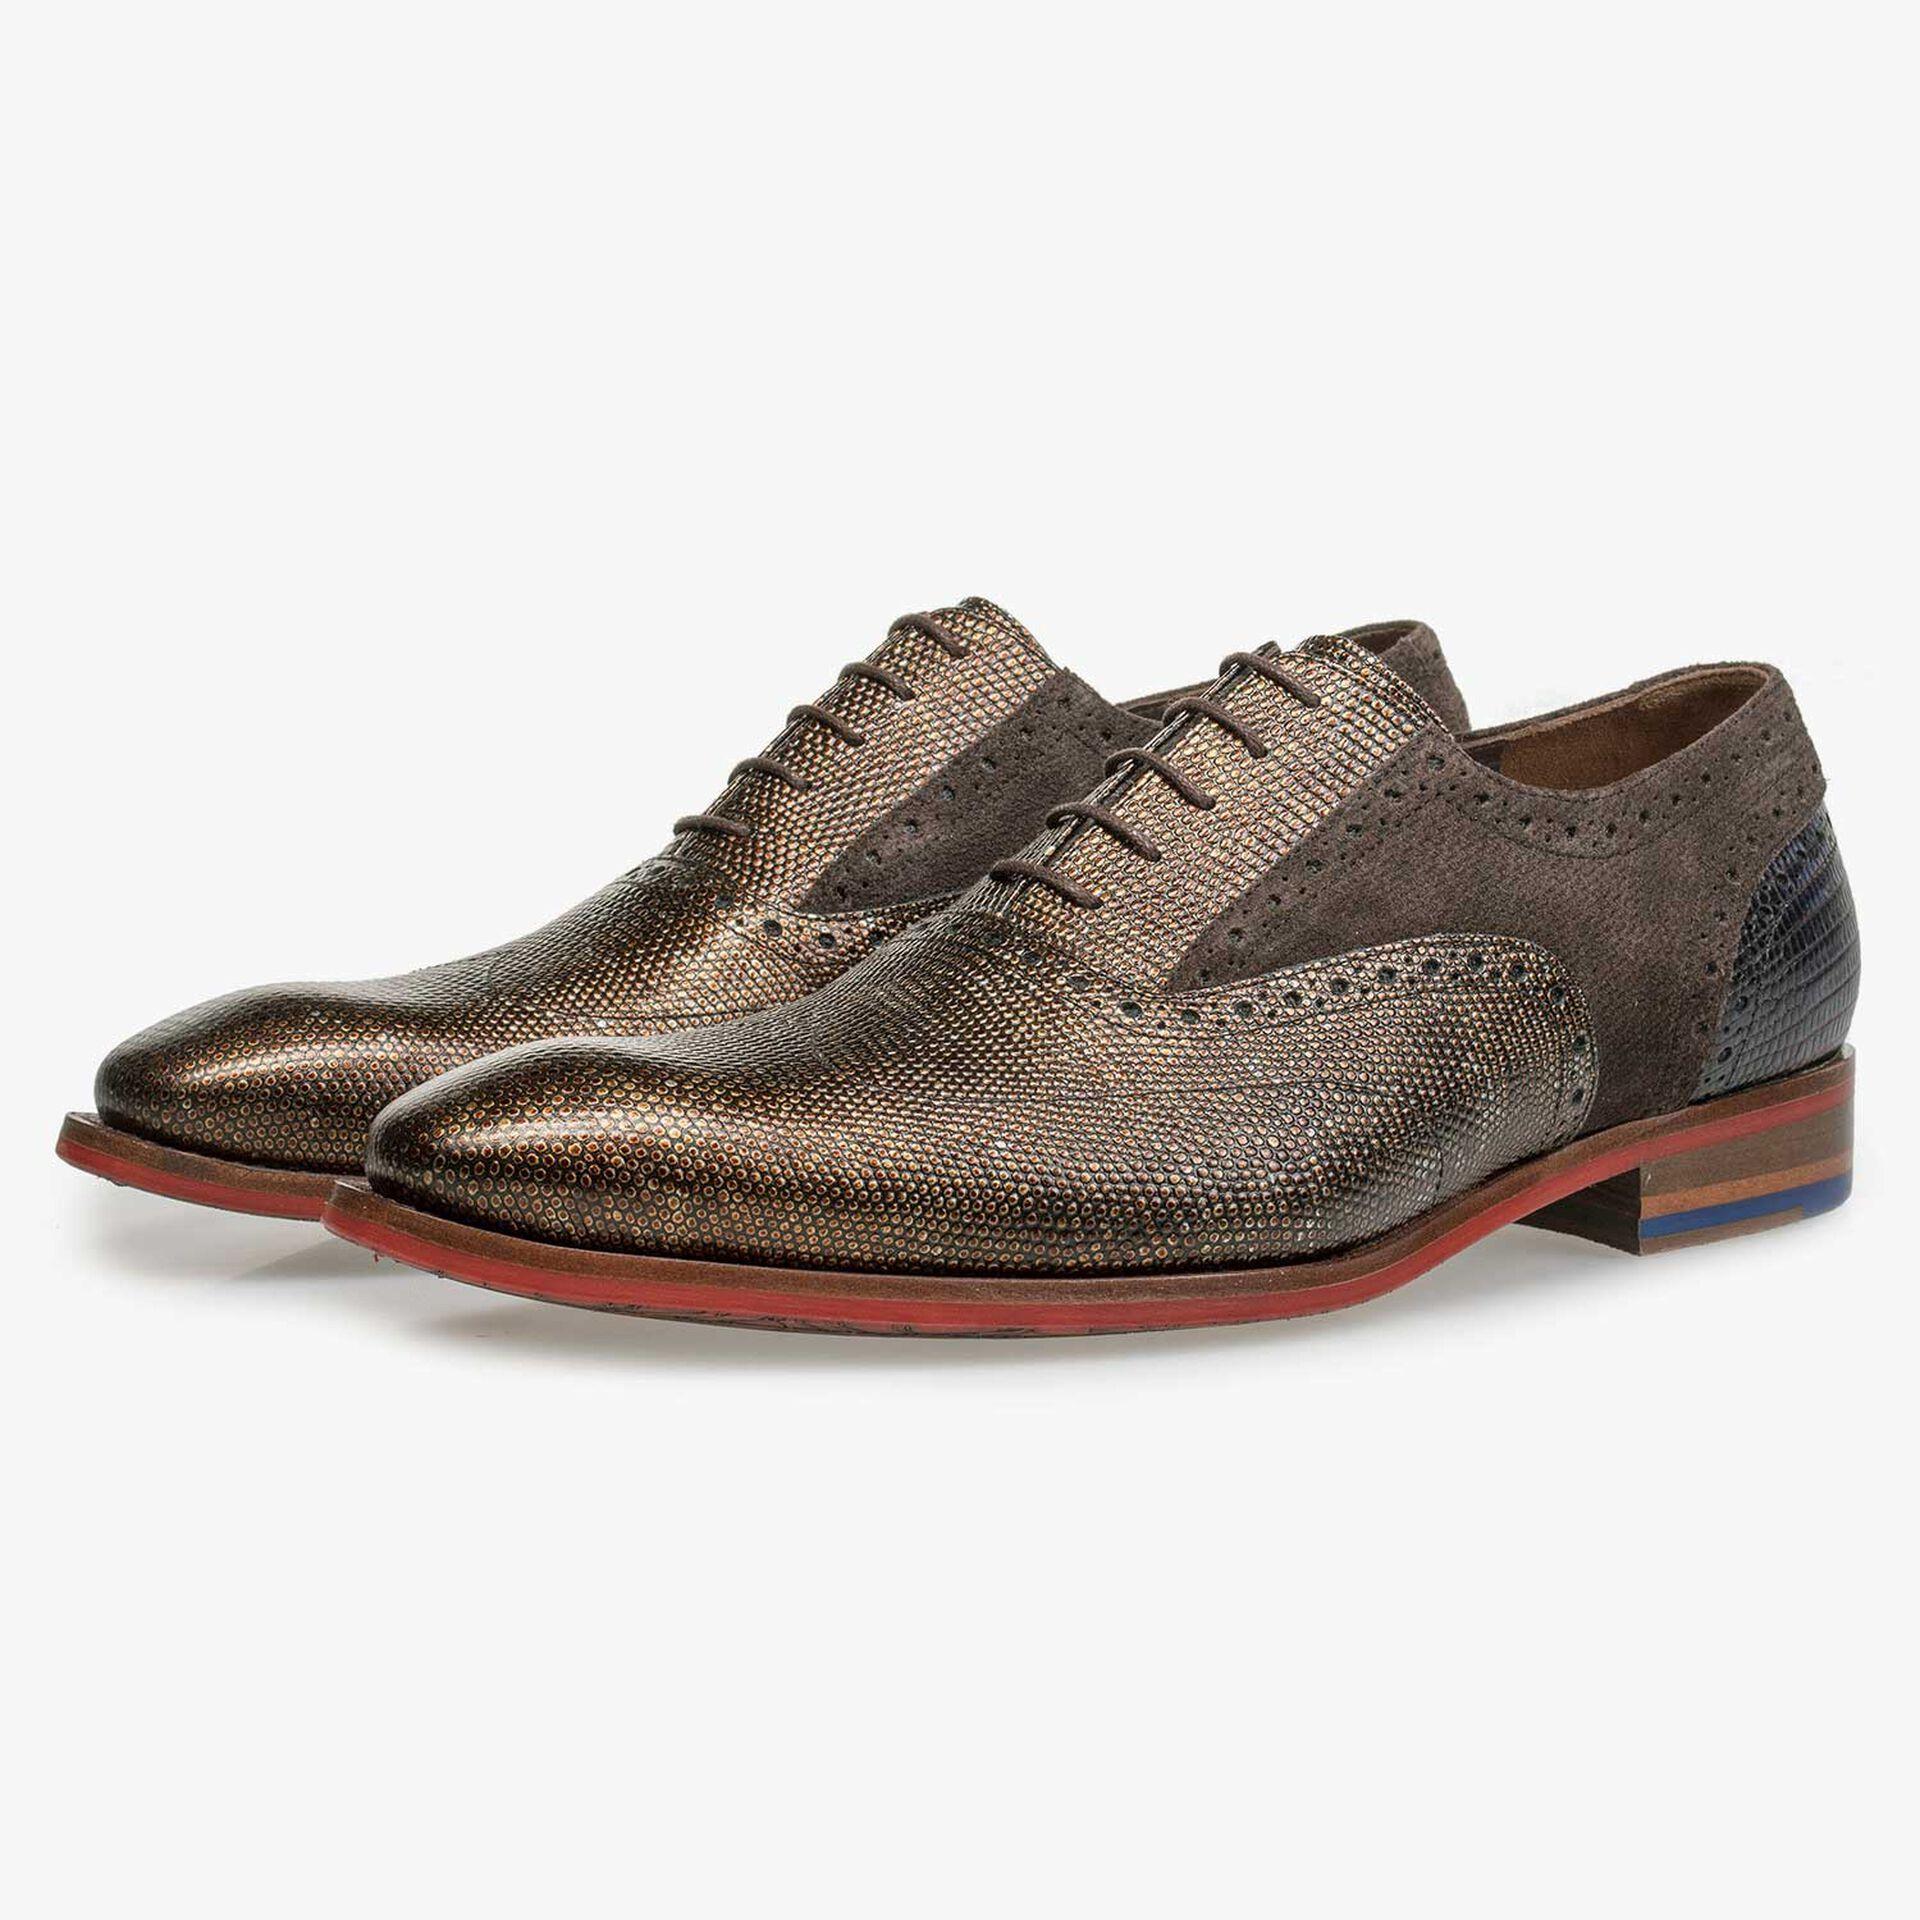 Bronzefarbener Premium Leder-Schnürschuh